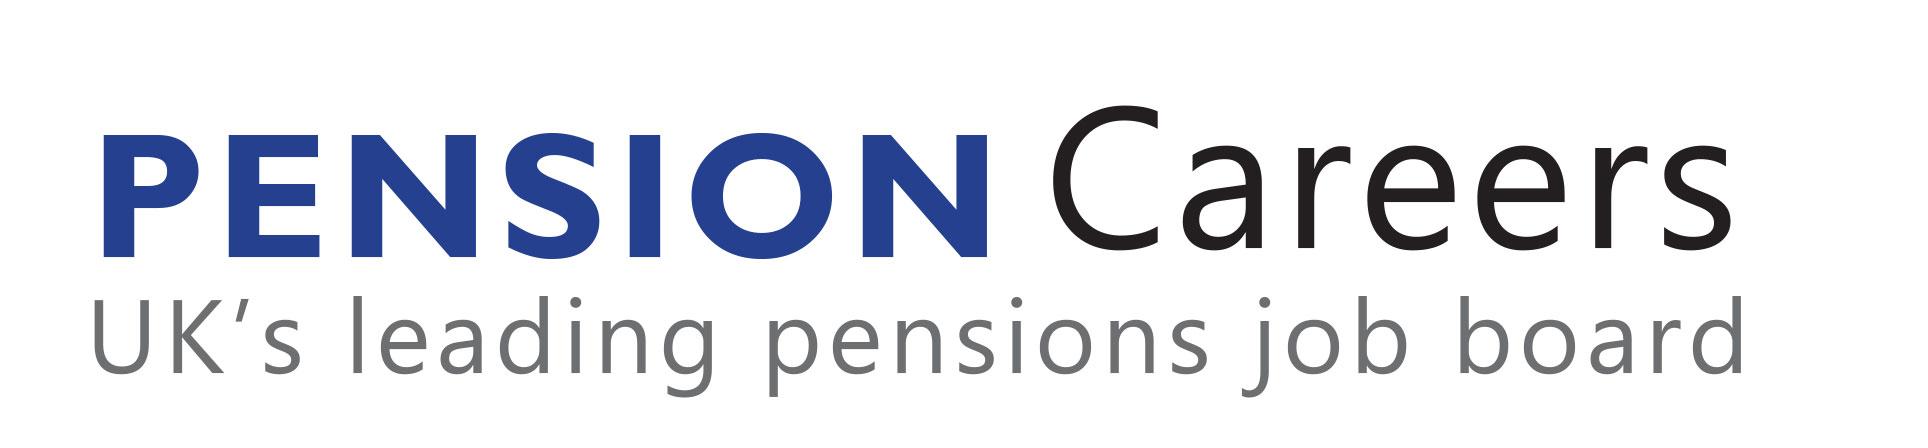 Pension Careers